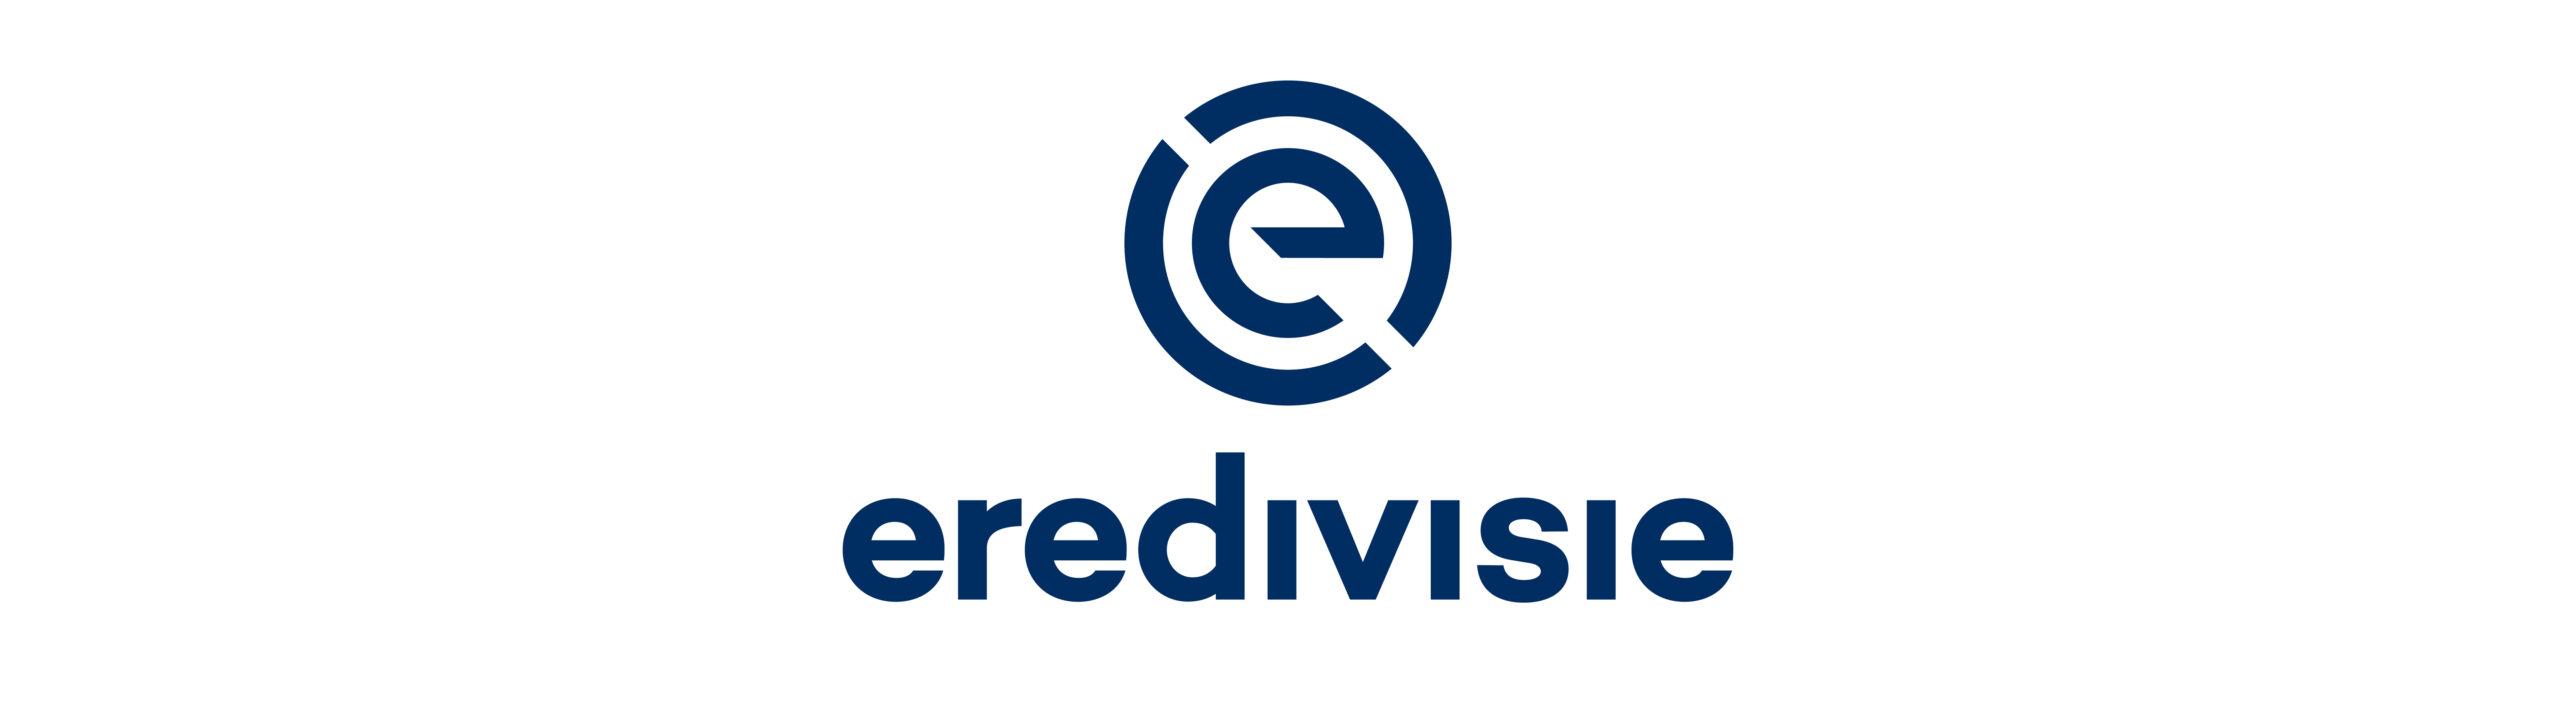 eredivisie_logo2019